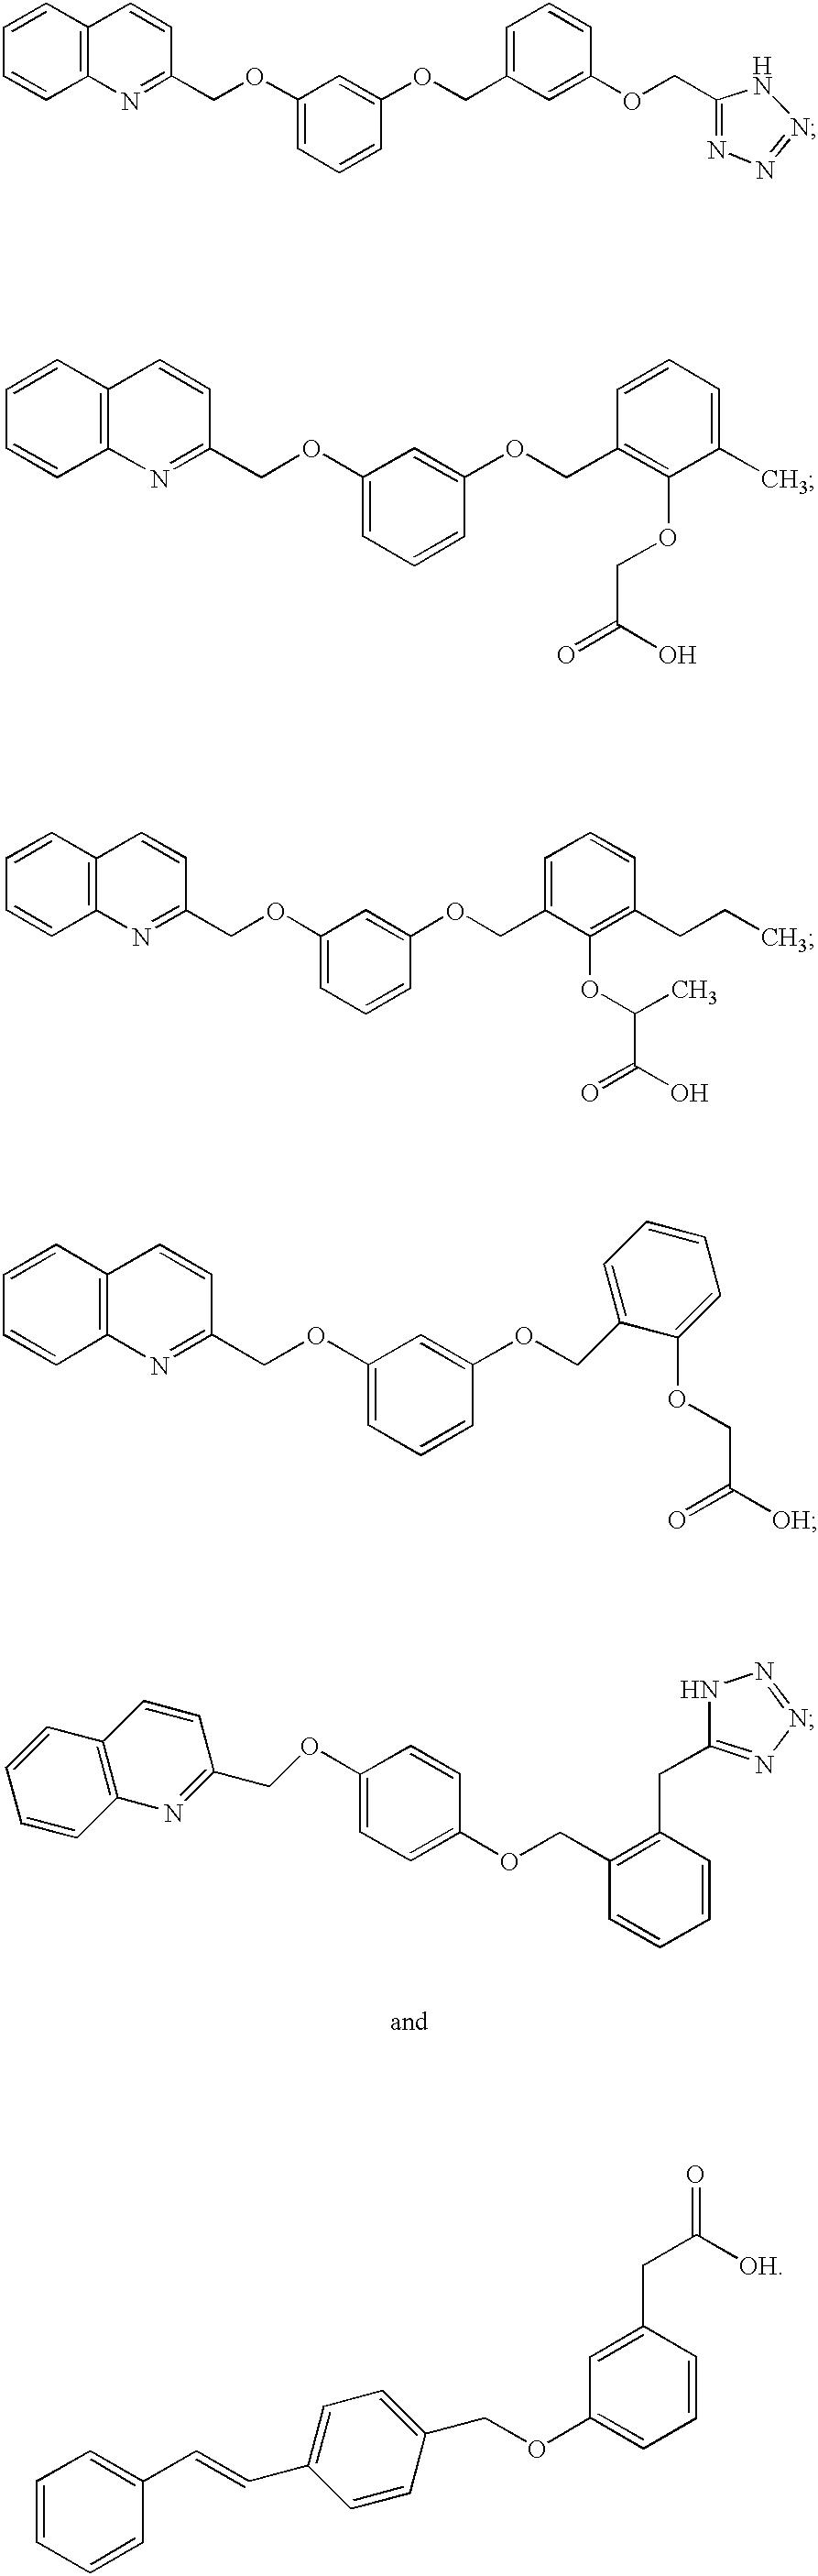 Figure US20030220373A1-20031127-C00074